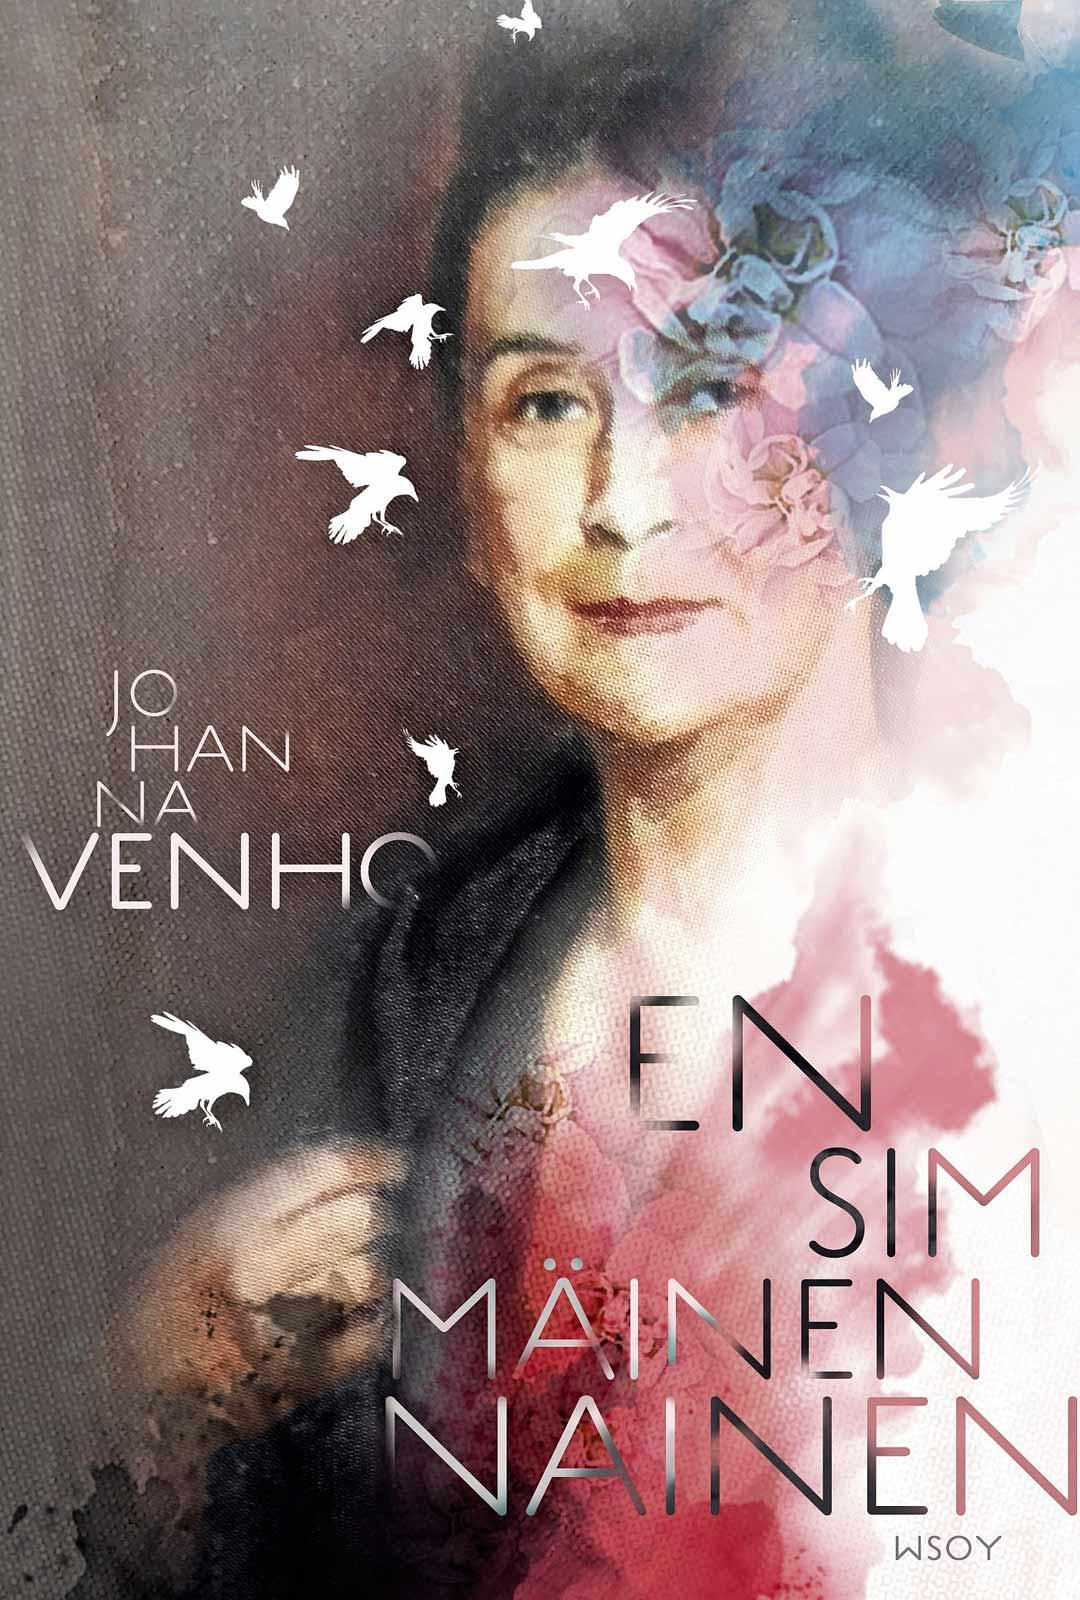 Johanna Venho: Ensimmäinen nainen